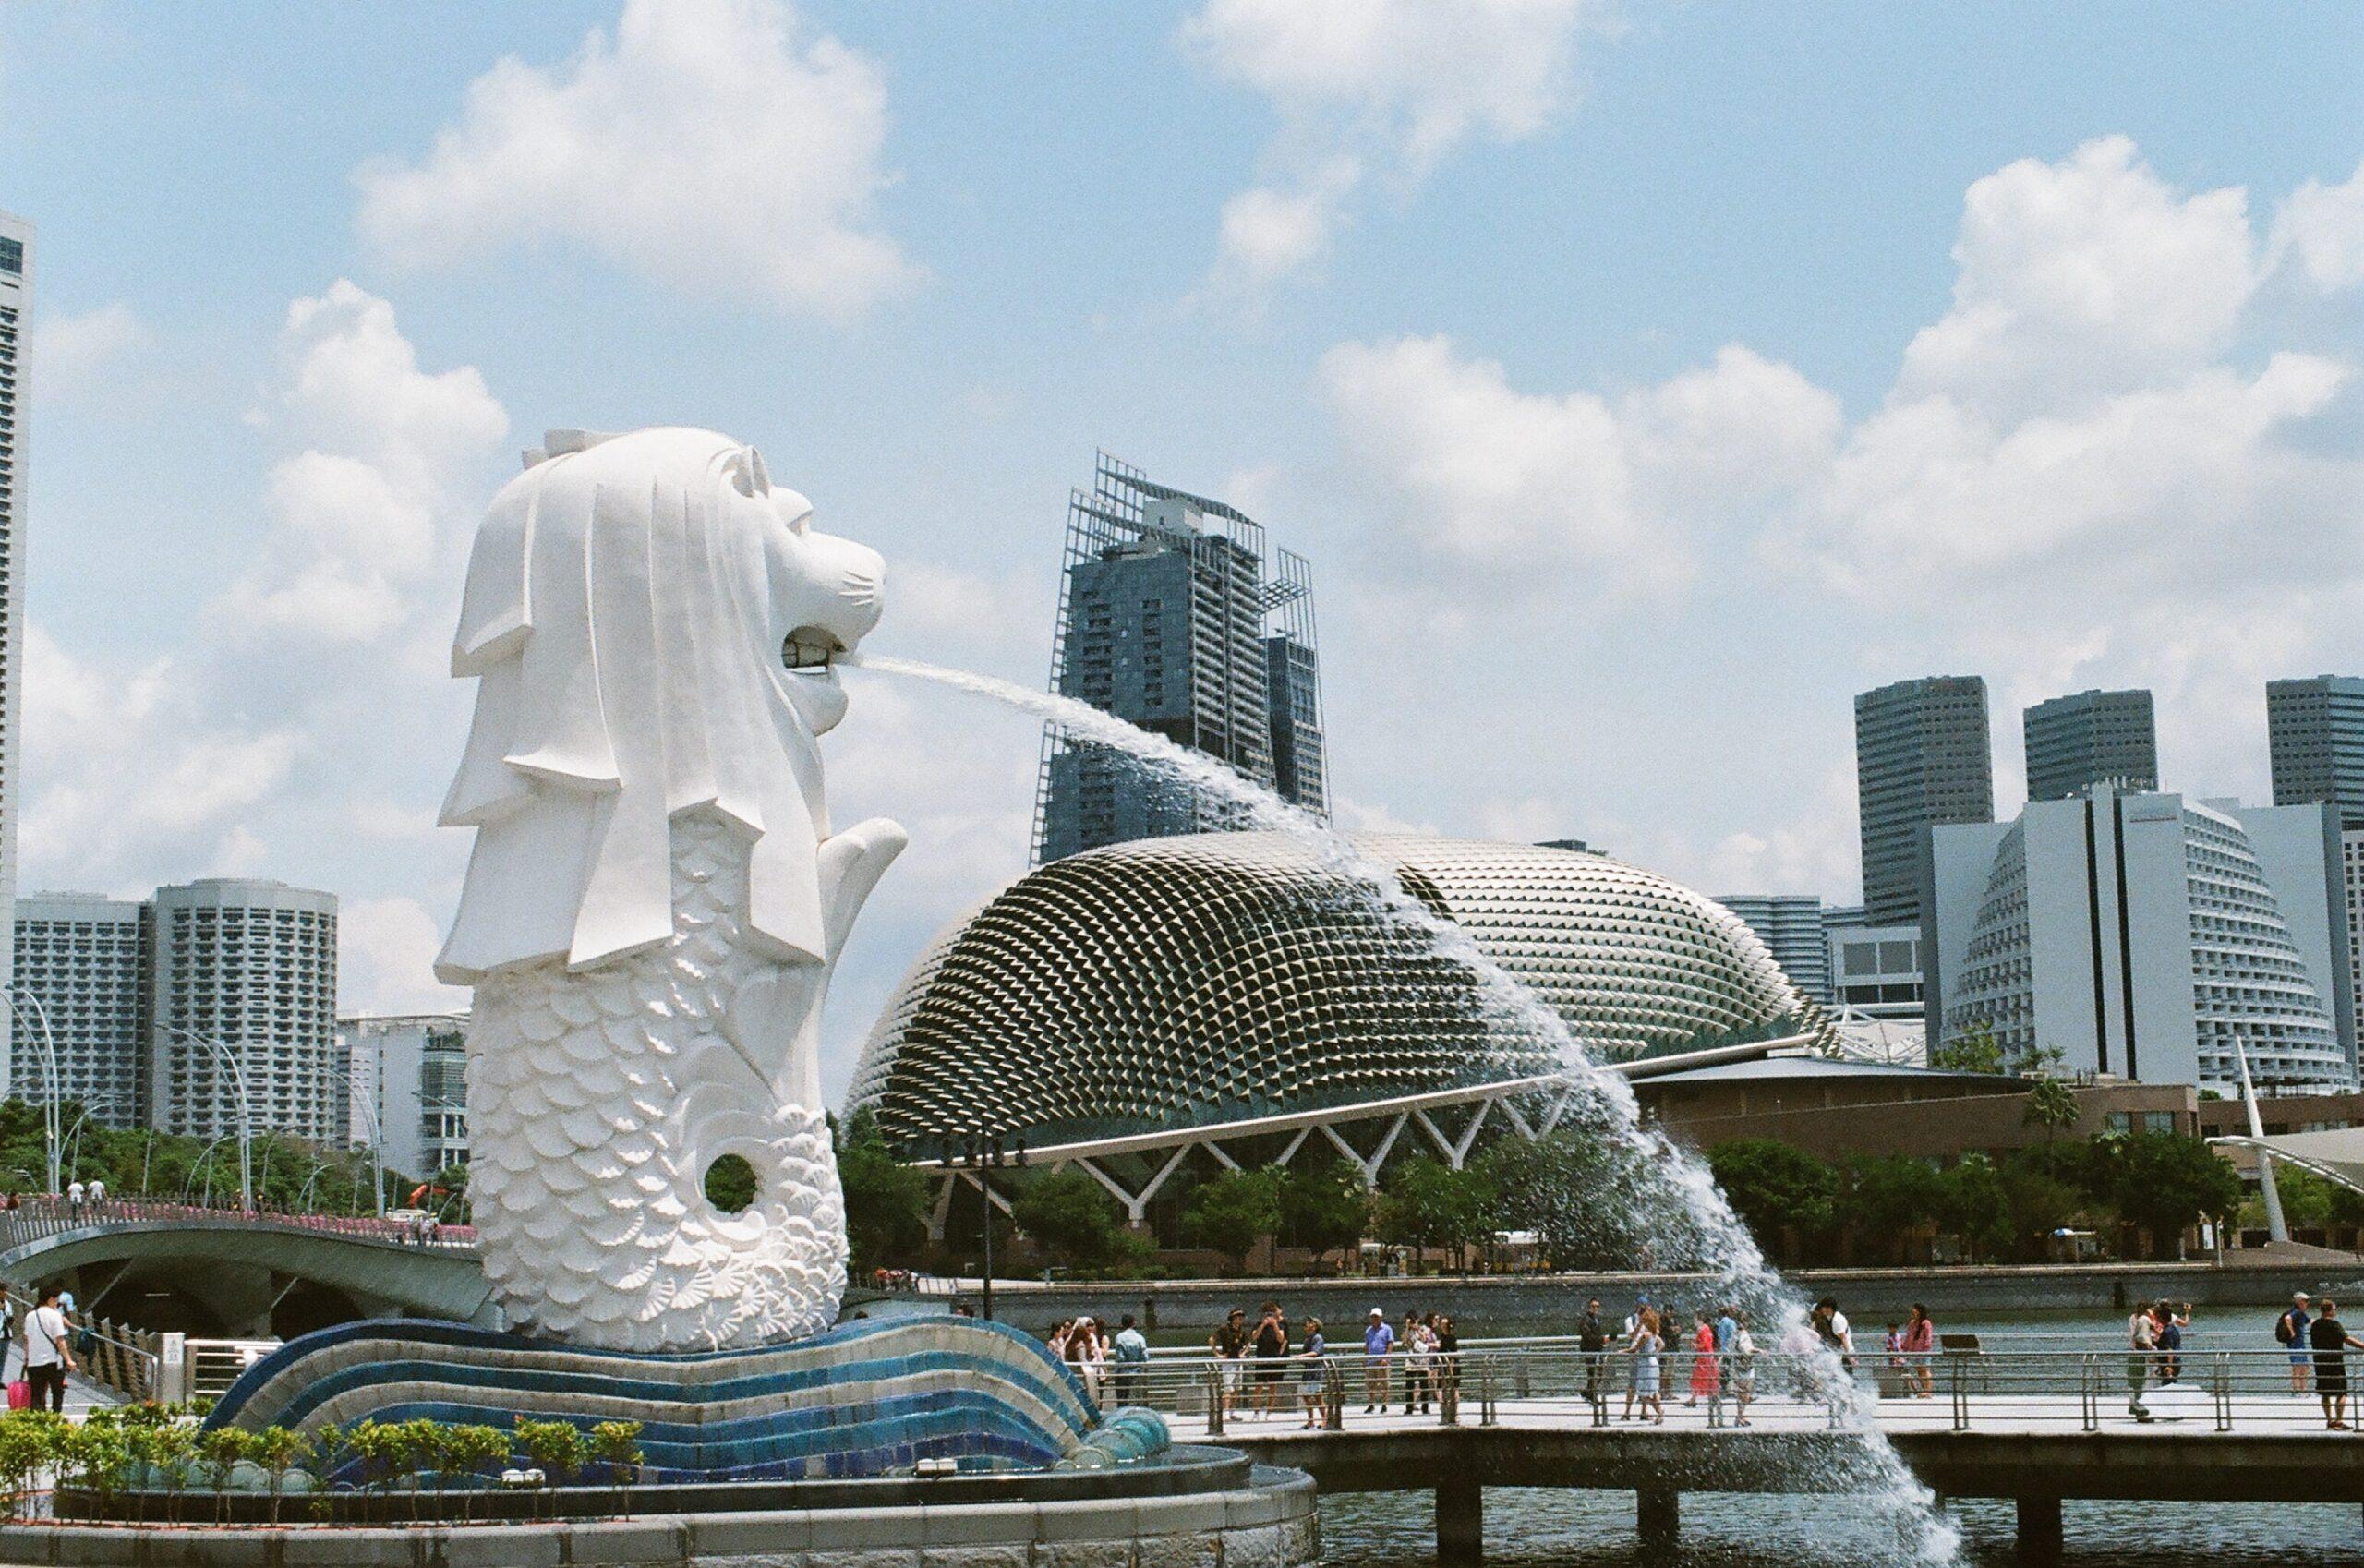 シンガポールがおこなう 水問題解決のための5つの対策